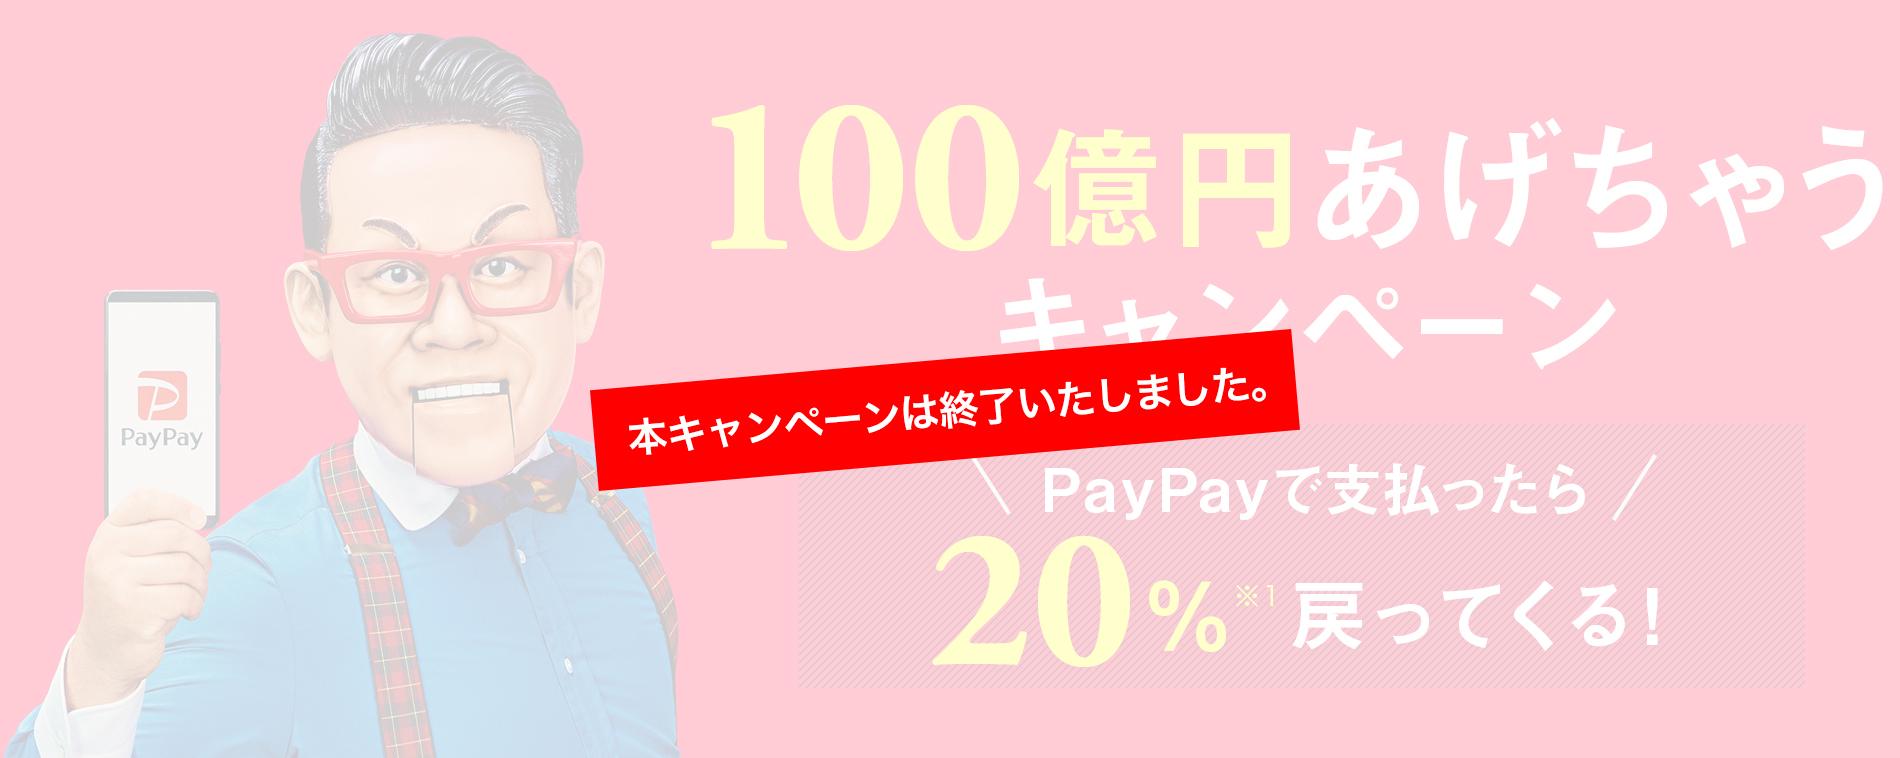 100億円あげちゃうキャンペーン PayPayで支払ったら 20%※1戻ってくる!